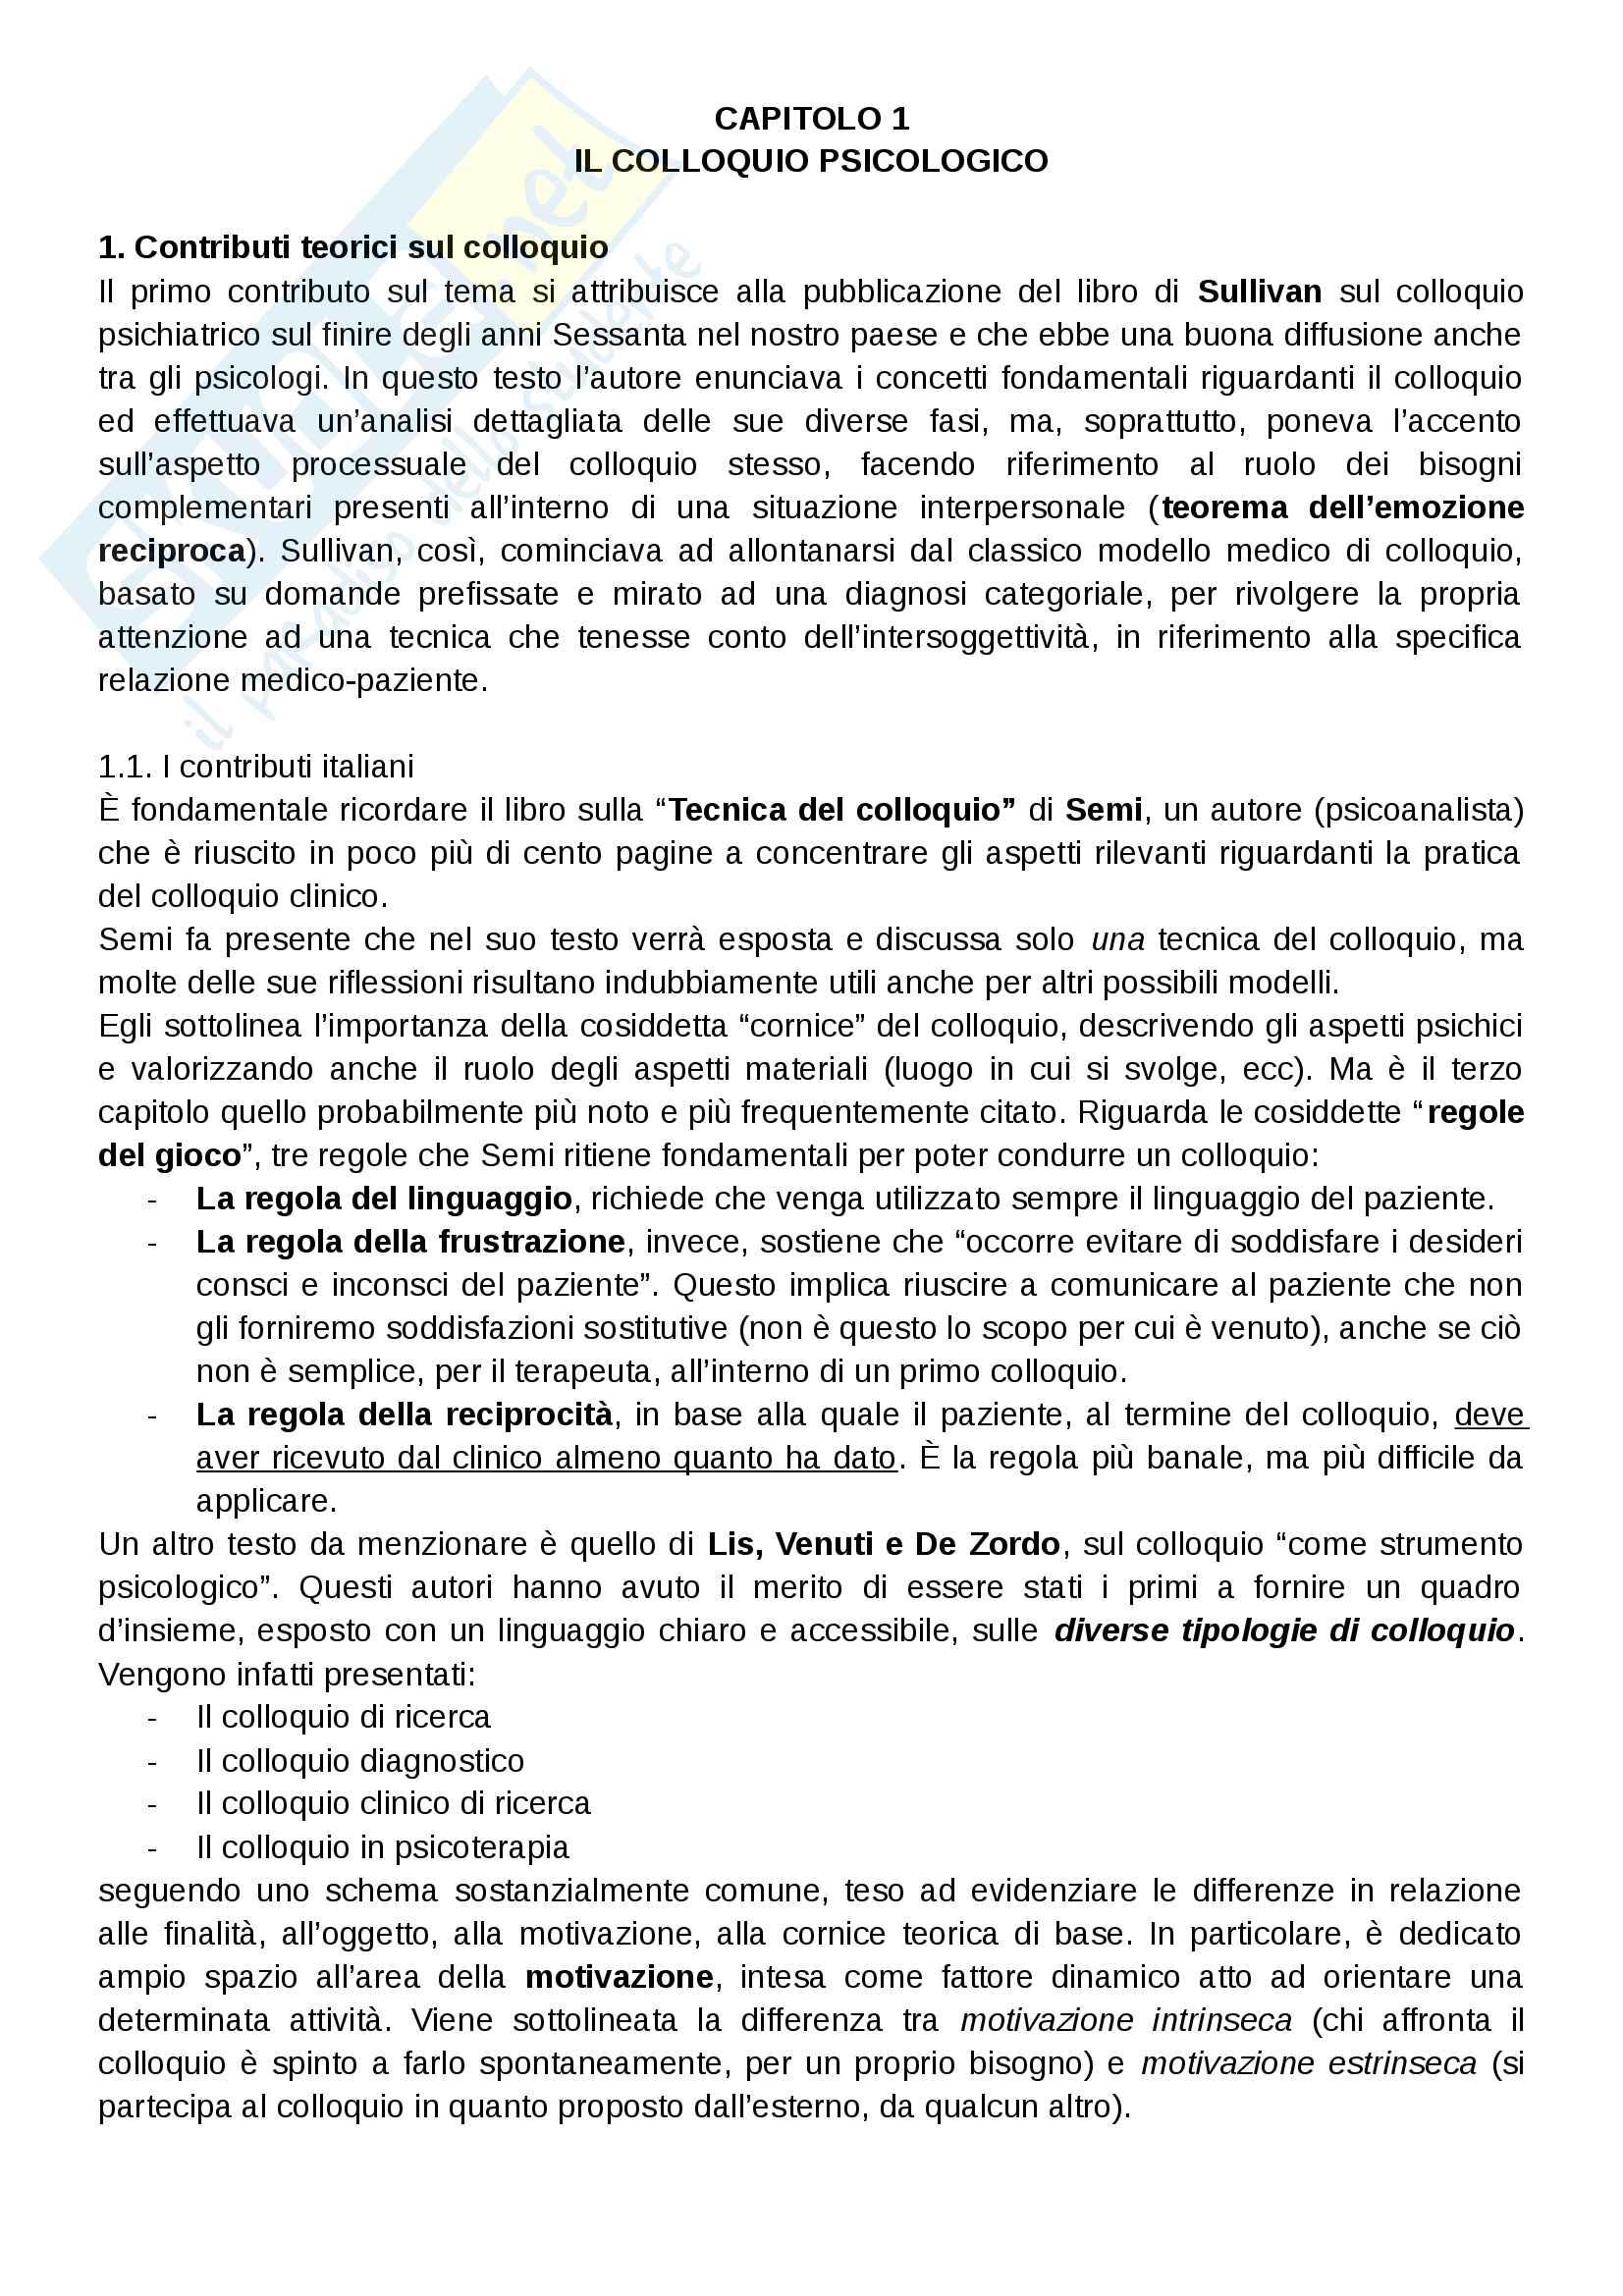 Modelli e tecniche del colloquio, Candelori Pag. 16